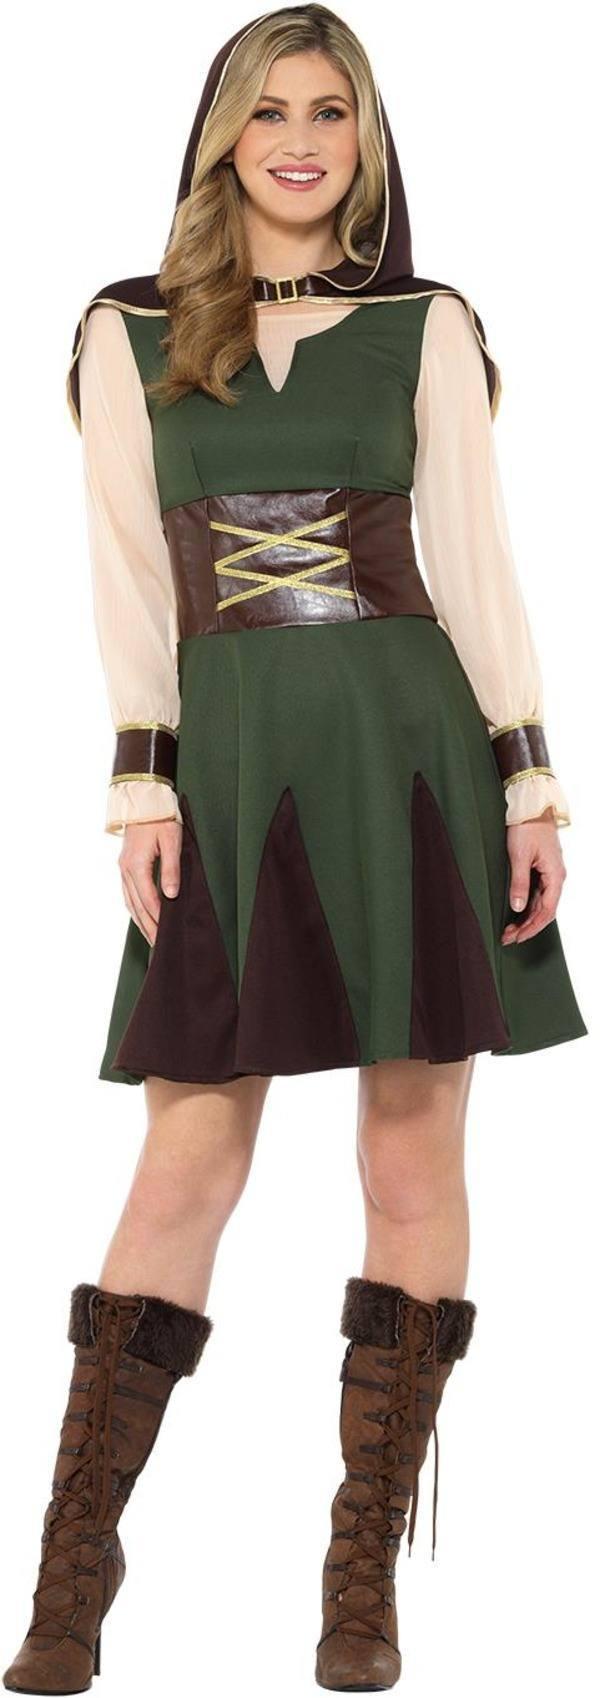 Zöld-Barna Robin Hood Jelmez Nőknek Ruhával és Kis Kapucnis Kabáttal - XXL